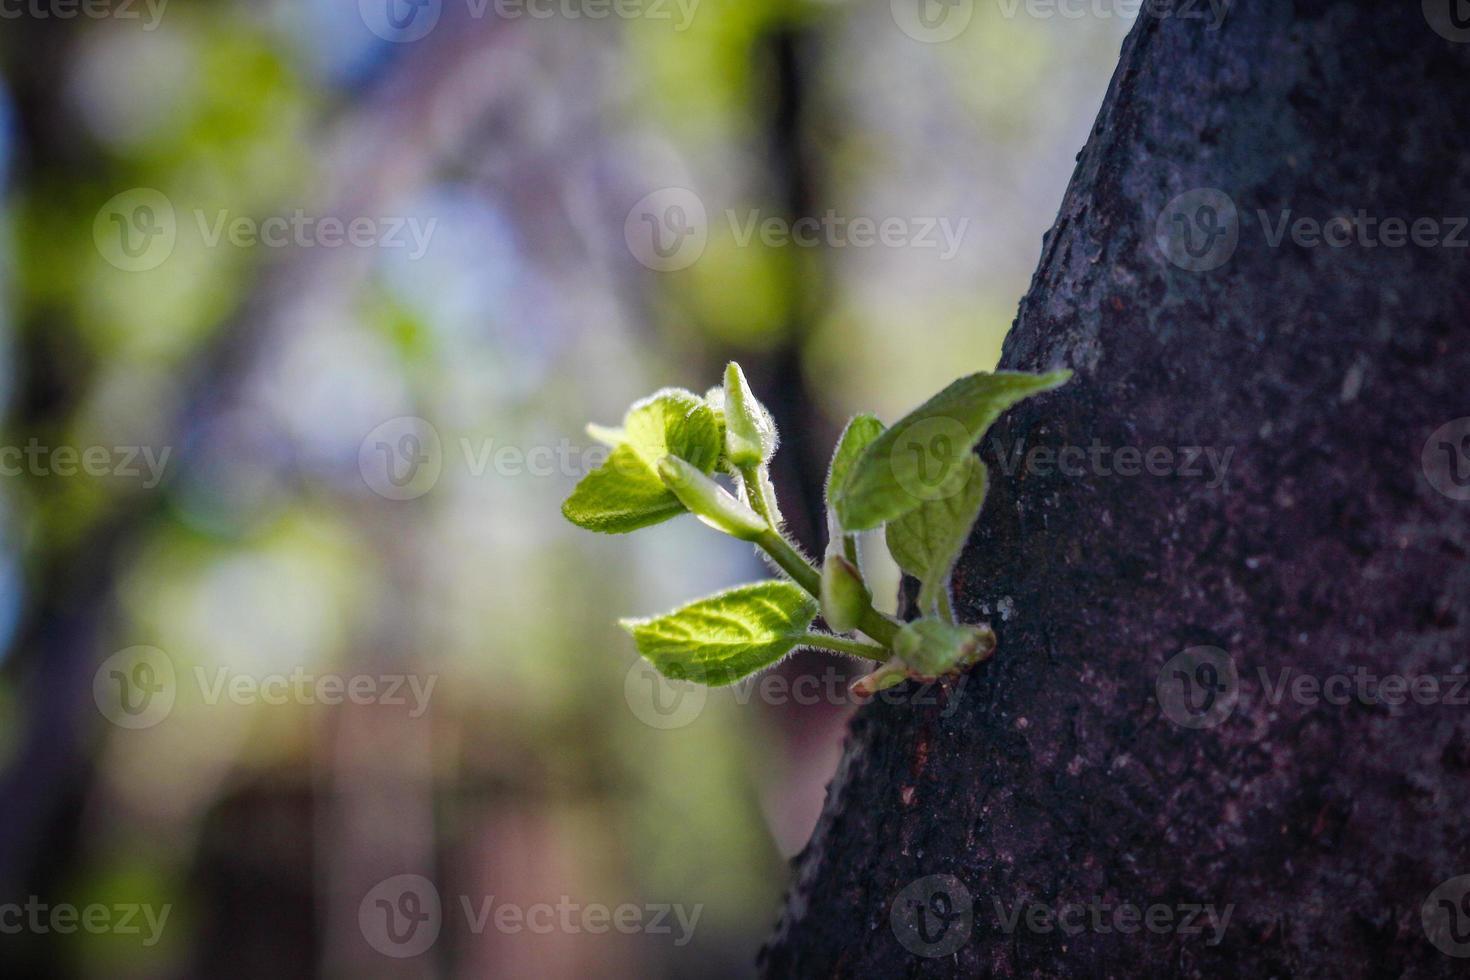 Jeune brindille verte poussant sur tronc d'arbre photo